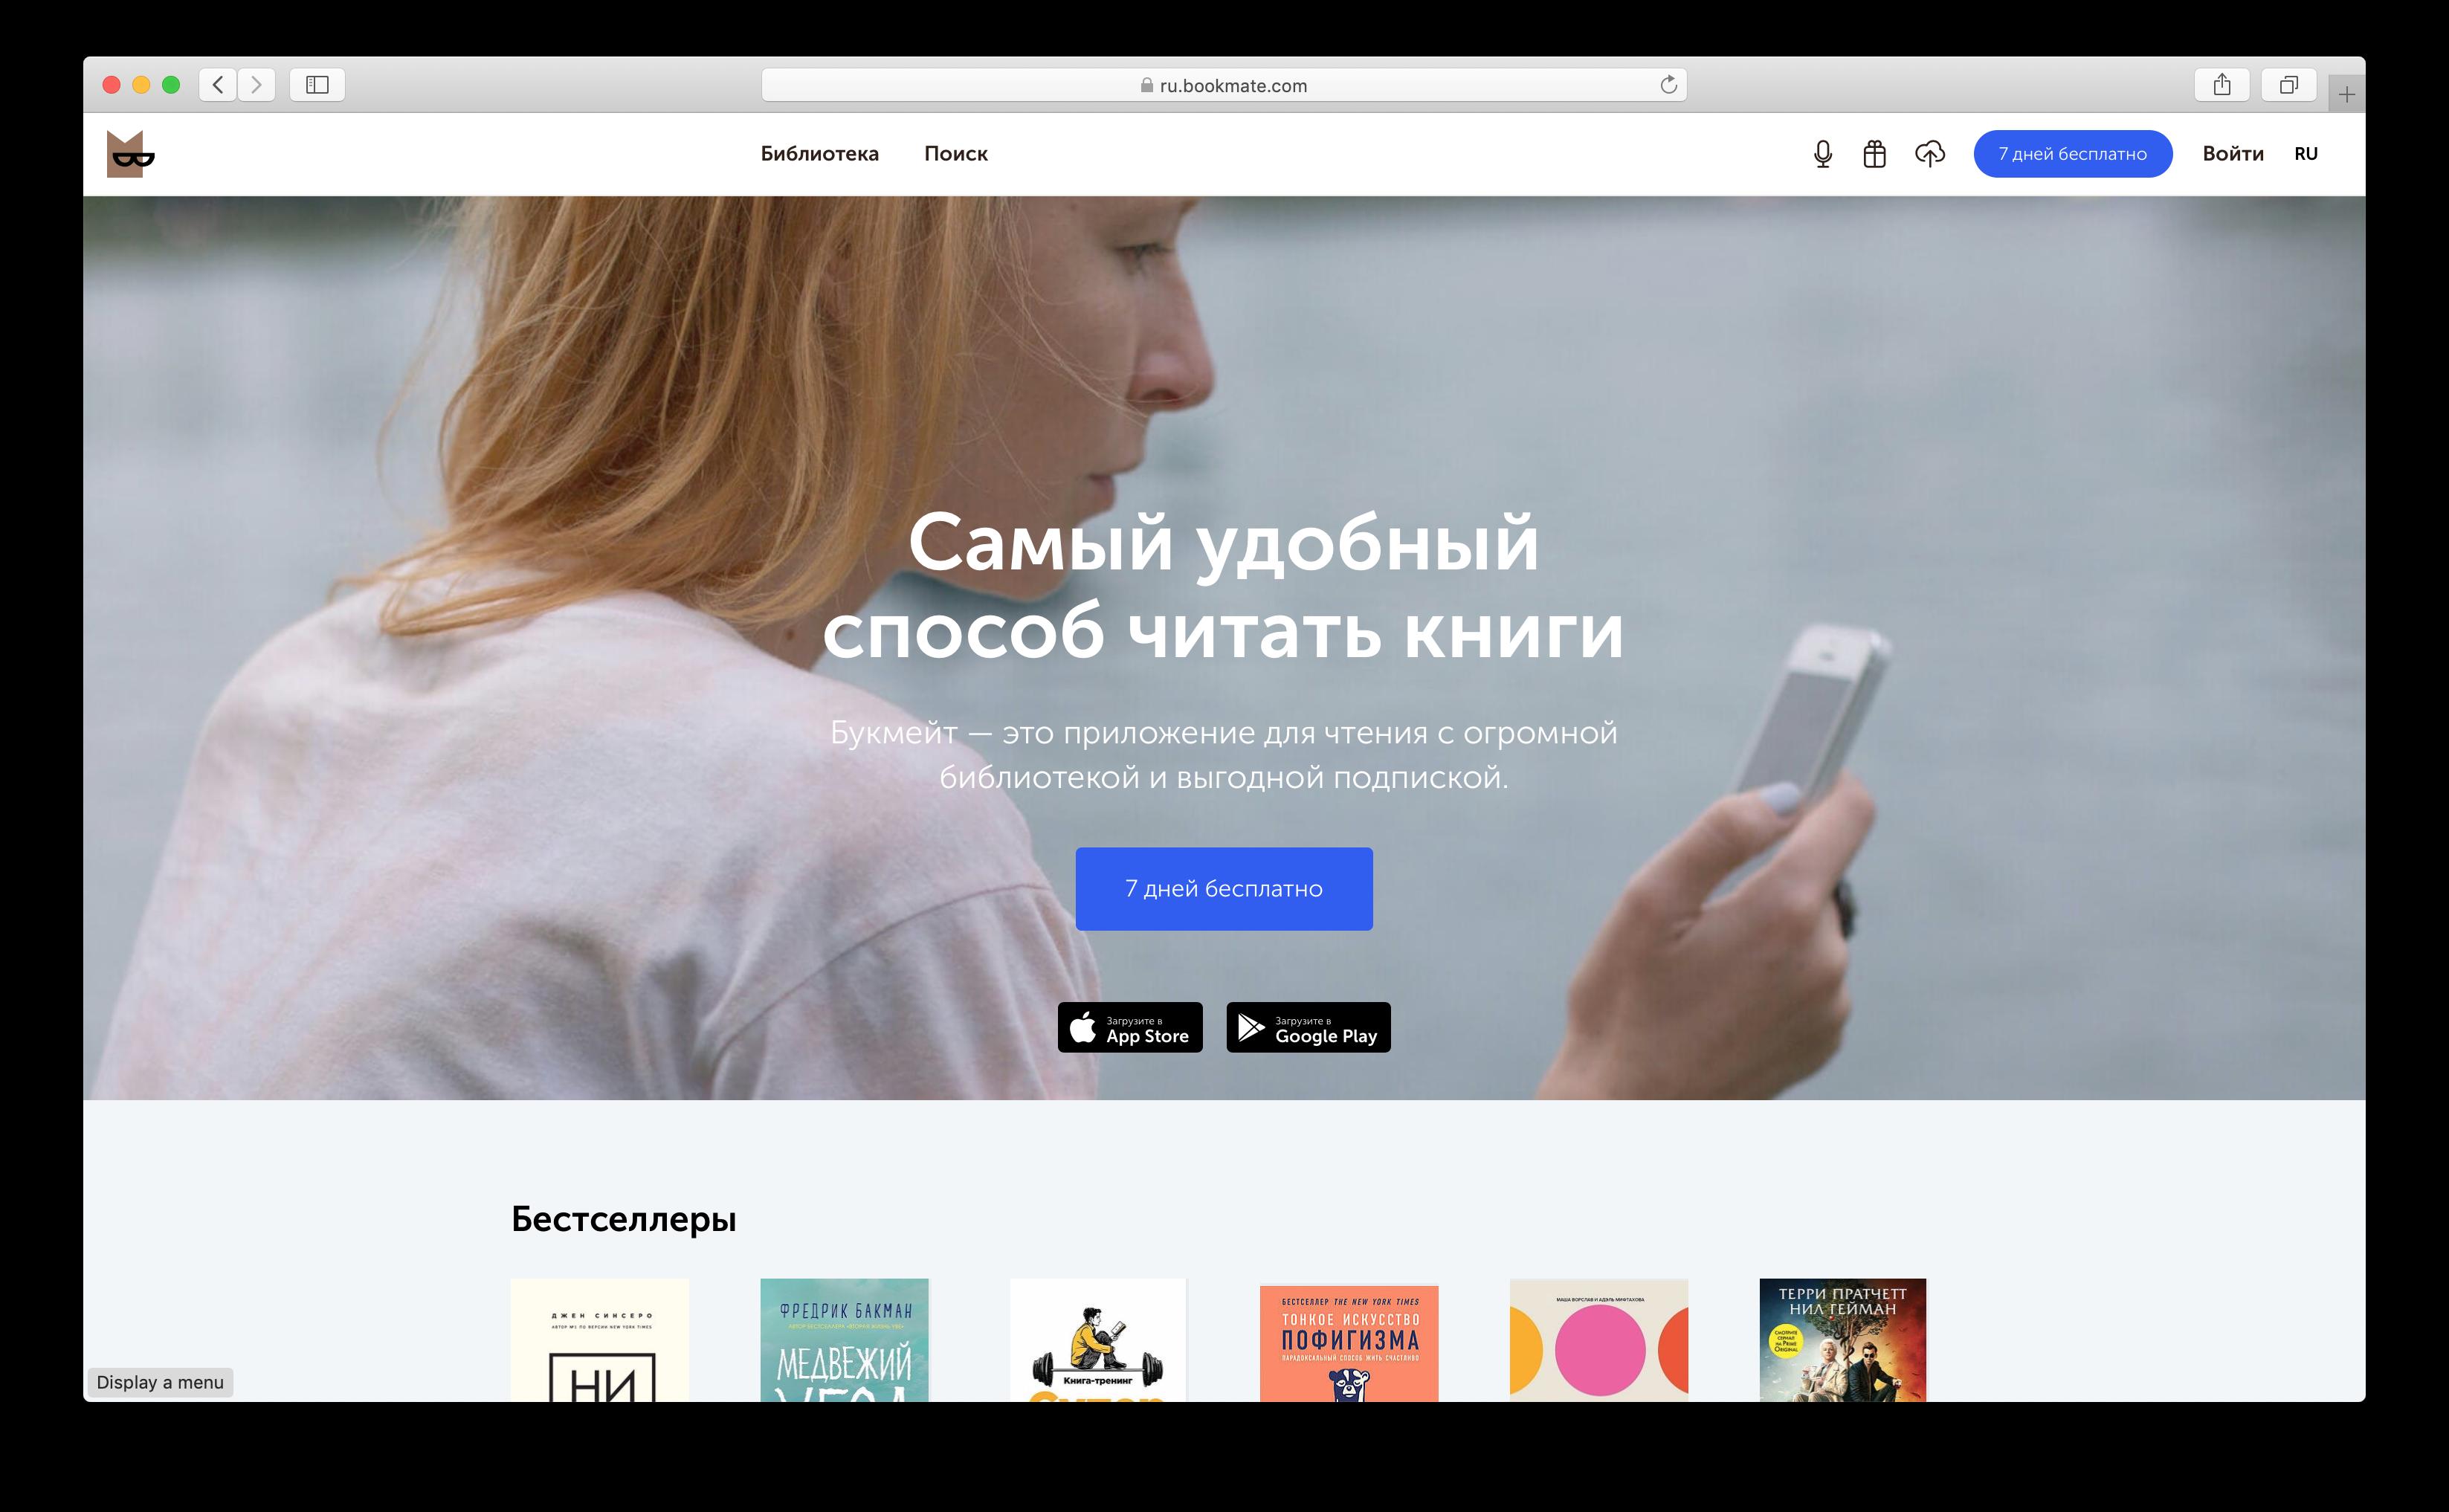 Скриншот с сервиса Bookmate